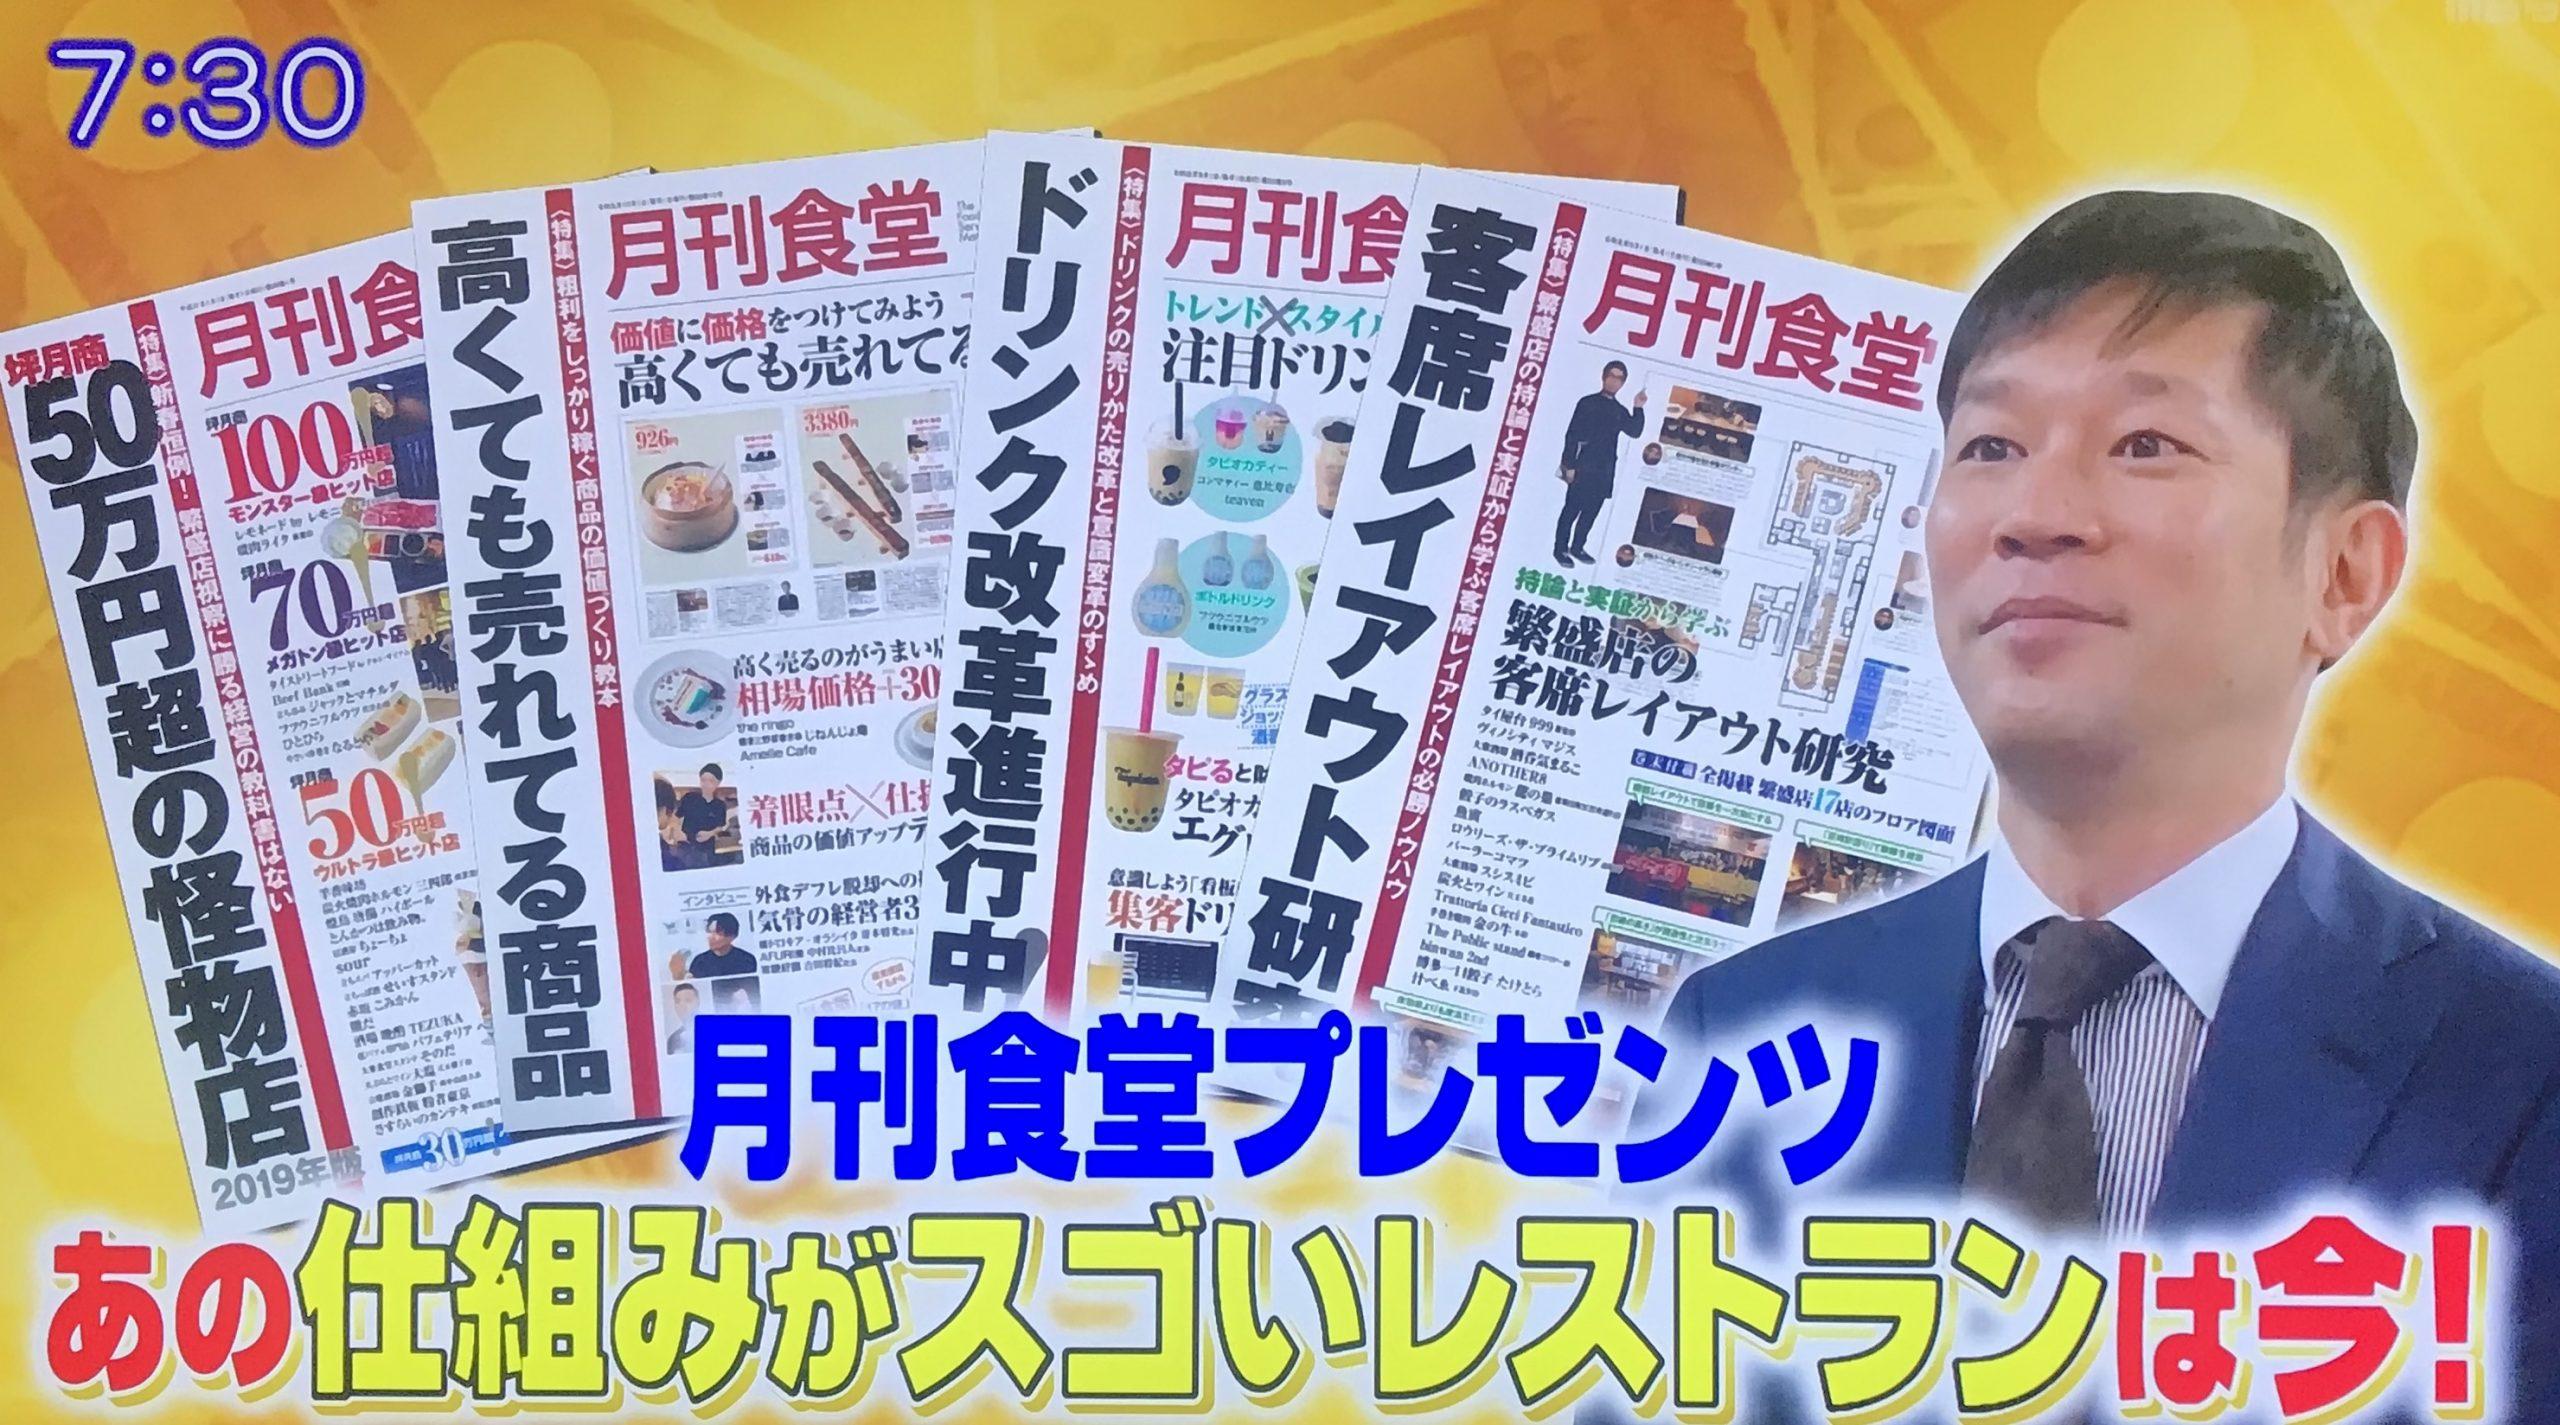 【3分ネタバレ!!】がっちりマンデー 仕組みの凄い飲食店!! あらすじからの感想を紹介!!